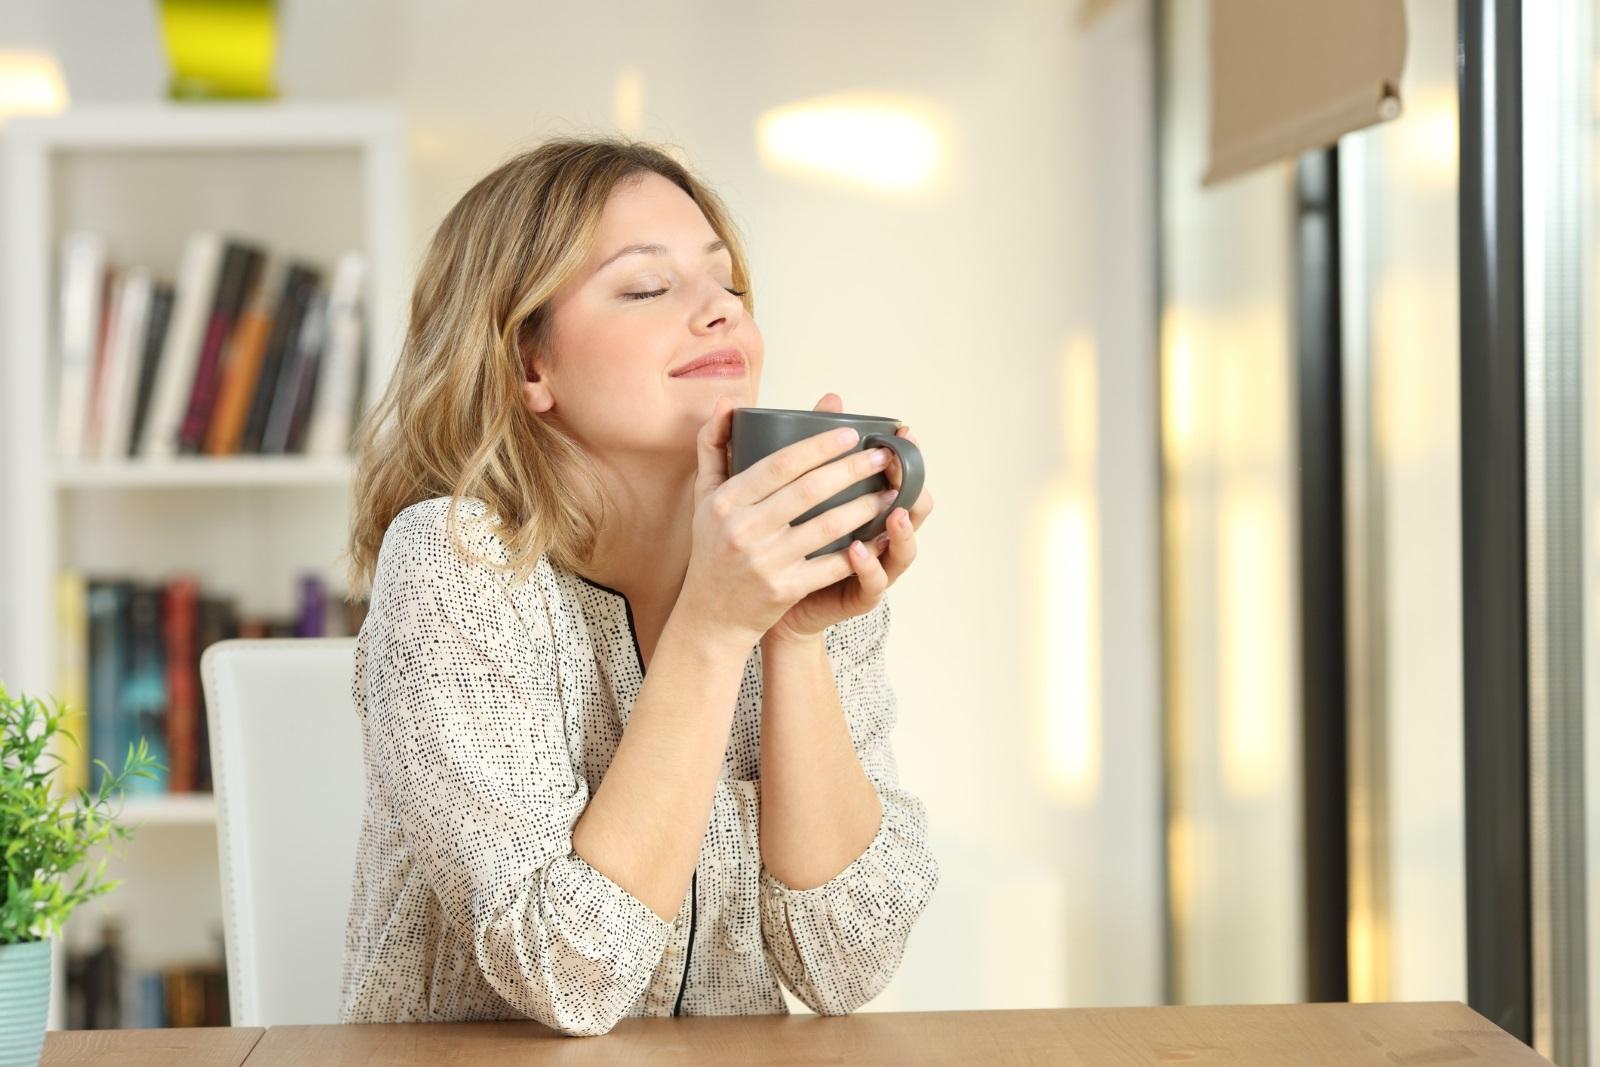 Настроението: С повече и качествен сън настроението ви ще се стабилизира точно какакто апетита ви. Вместо изморени и недоспали, ще се чувствате напълно готови за новия ден.